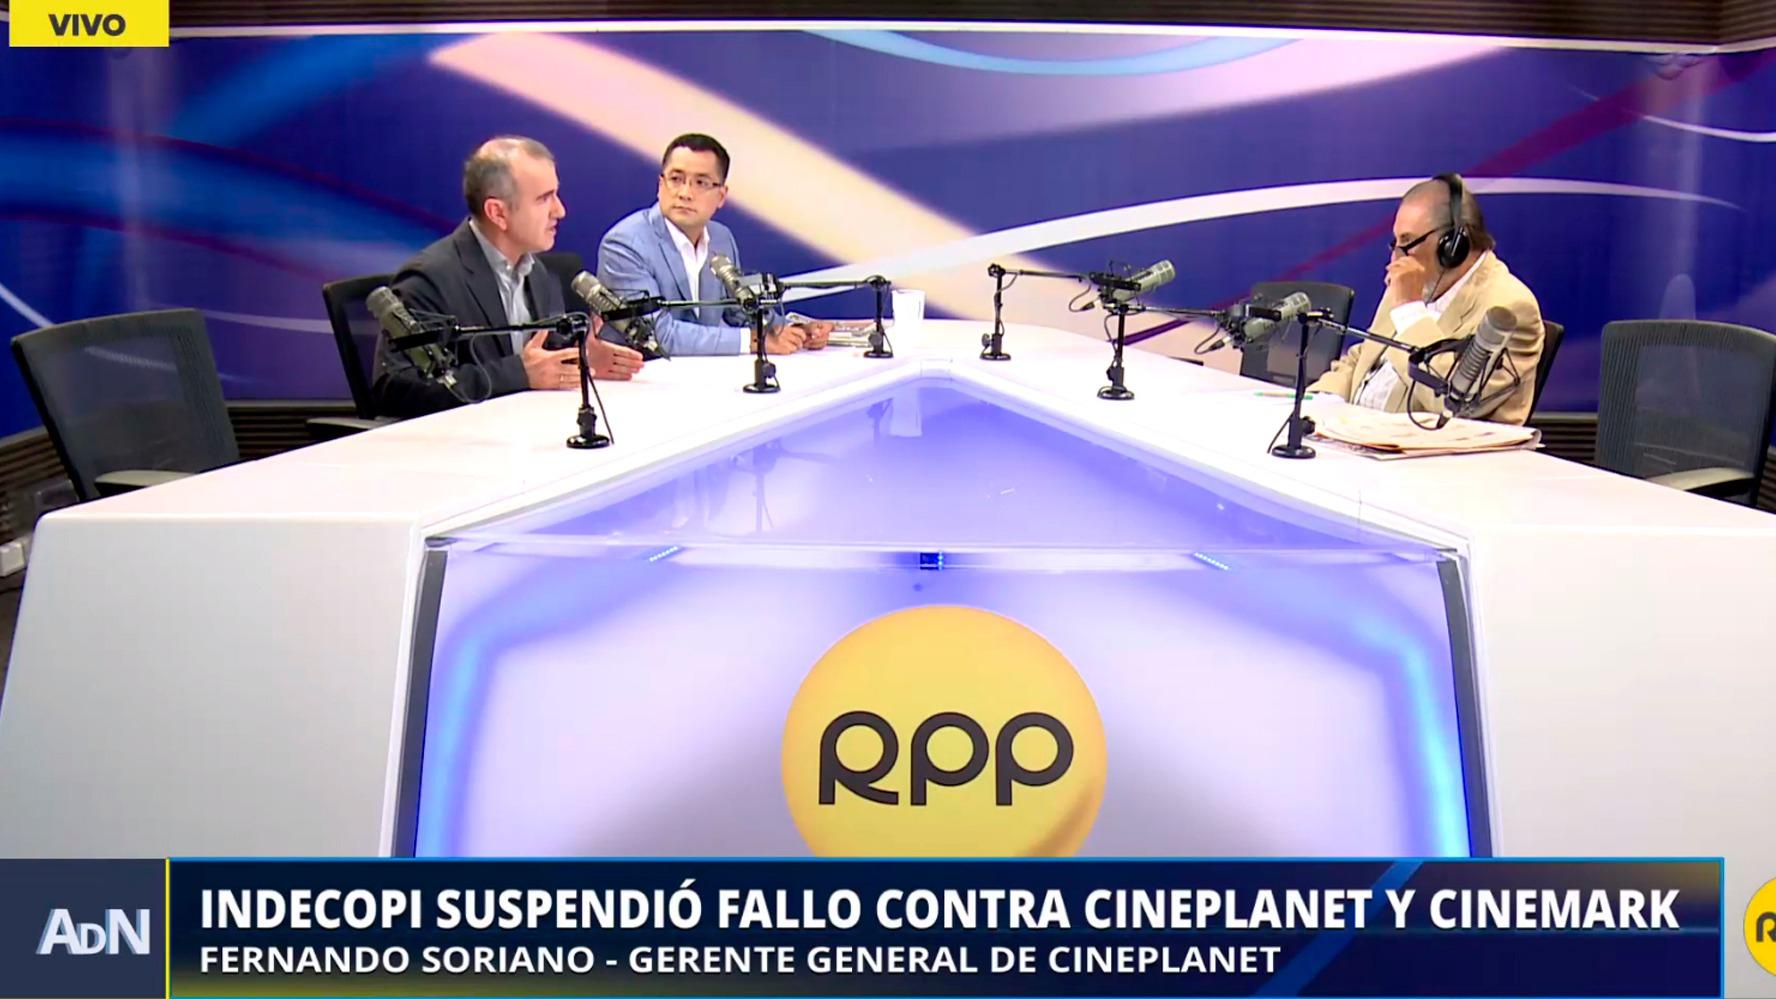 Indecopi suspendió fallo contra Cineplanet y Cinemark